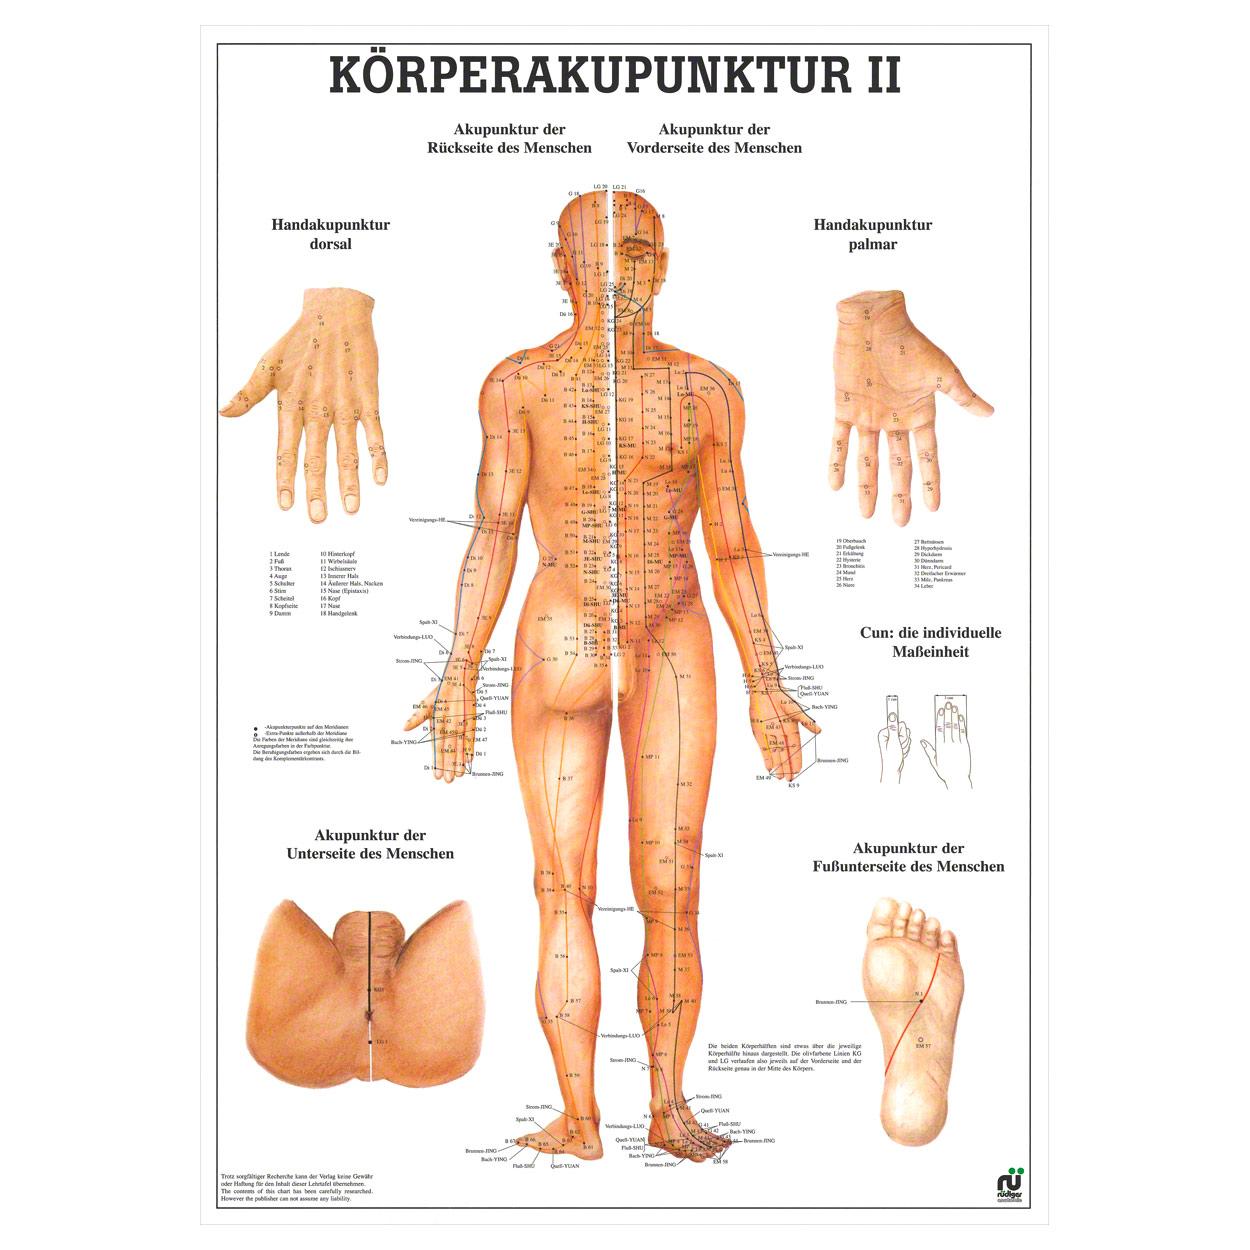 Körperakupunktur II Lehrtafel Anatomie 100x70 cm medizinische ...